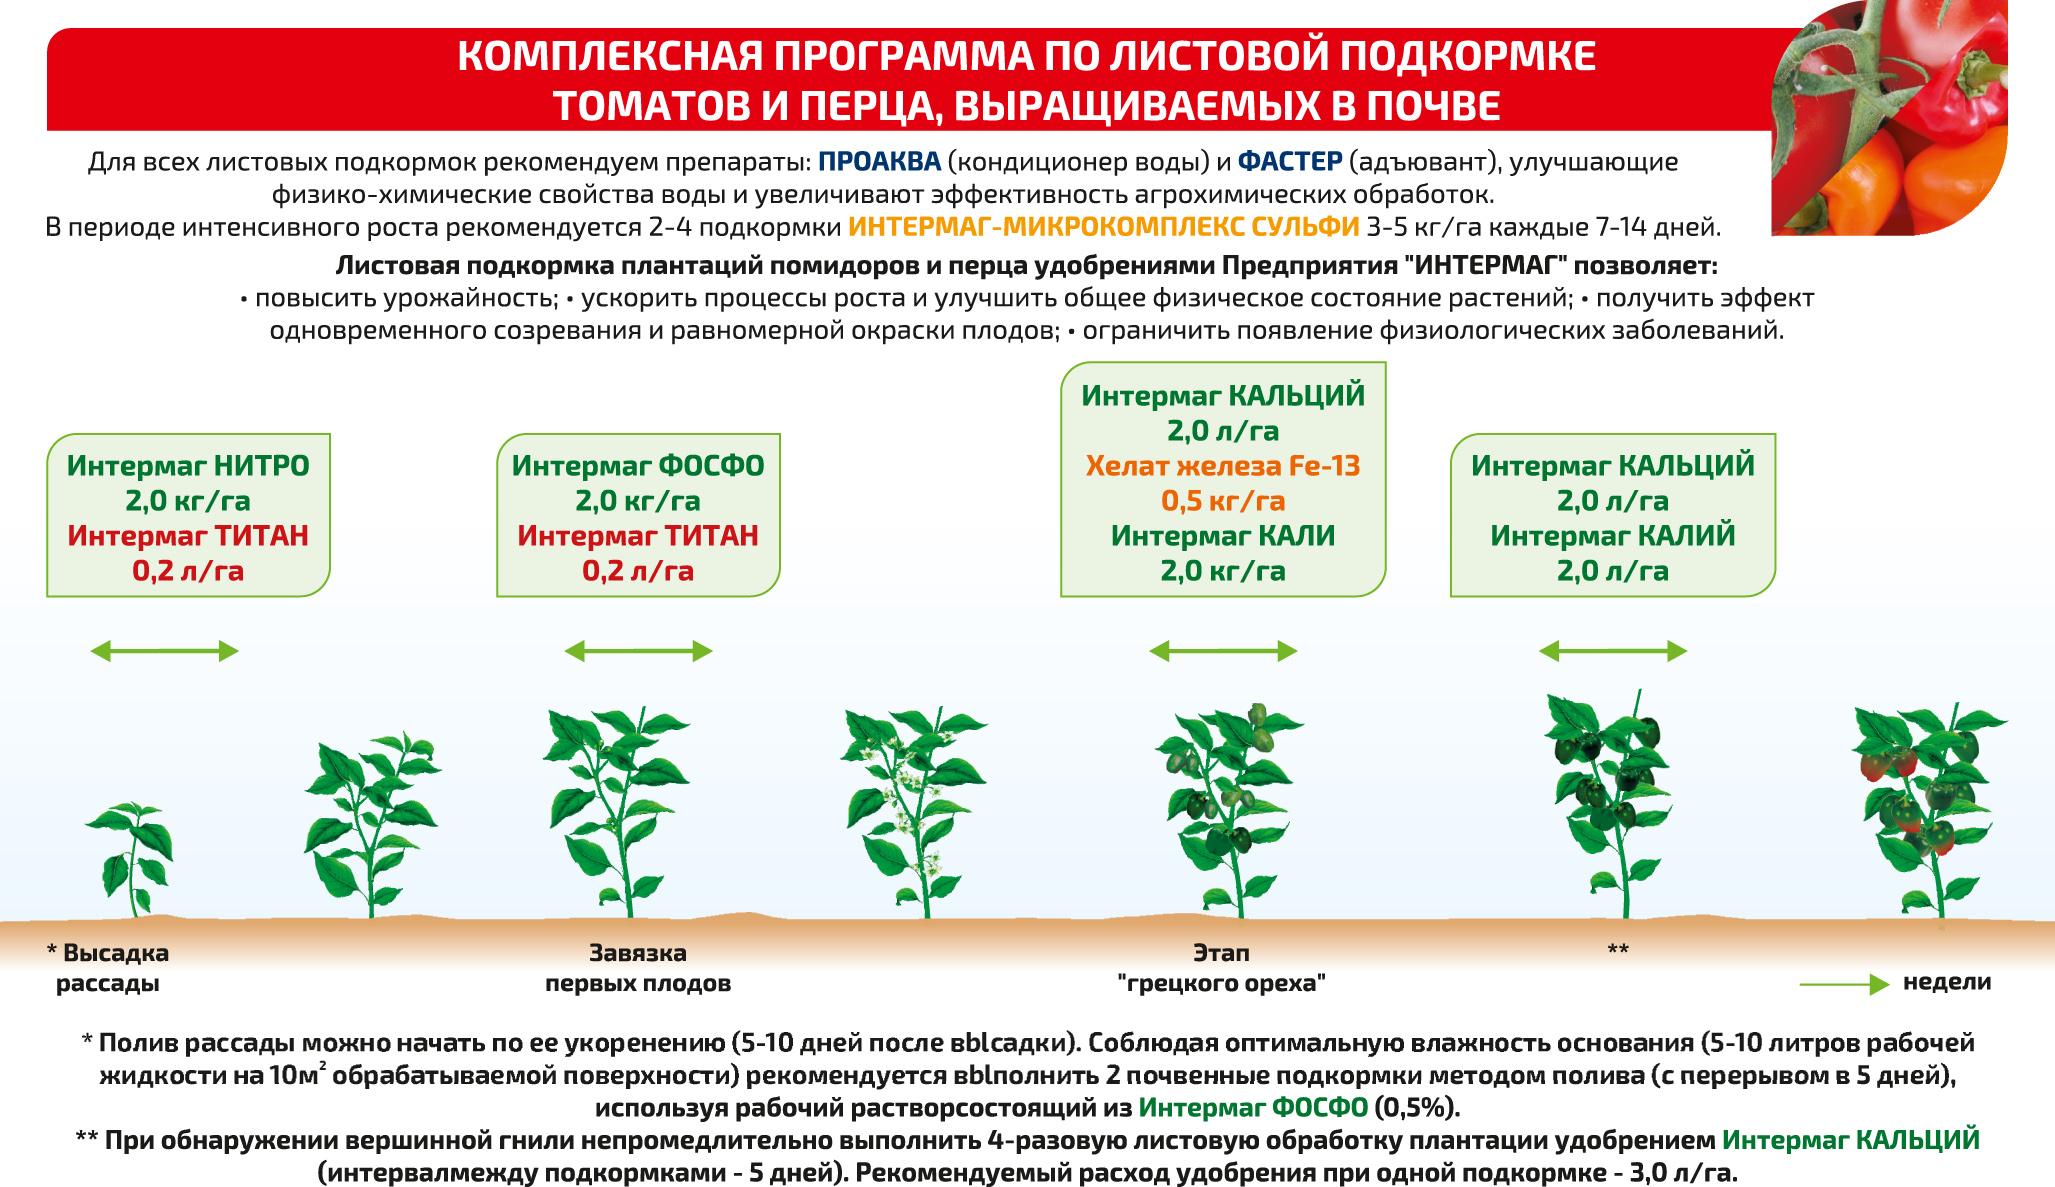 О подкормке ирисов после цветения (чем хорошо удобрять растения в июле)